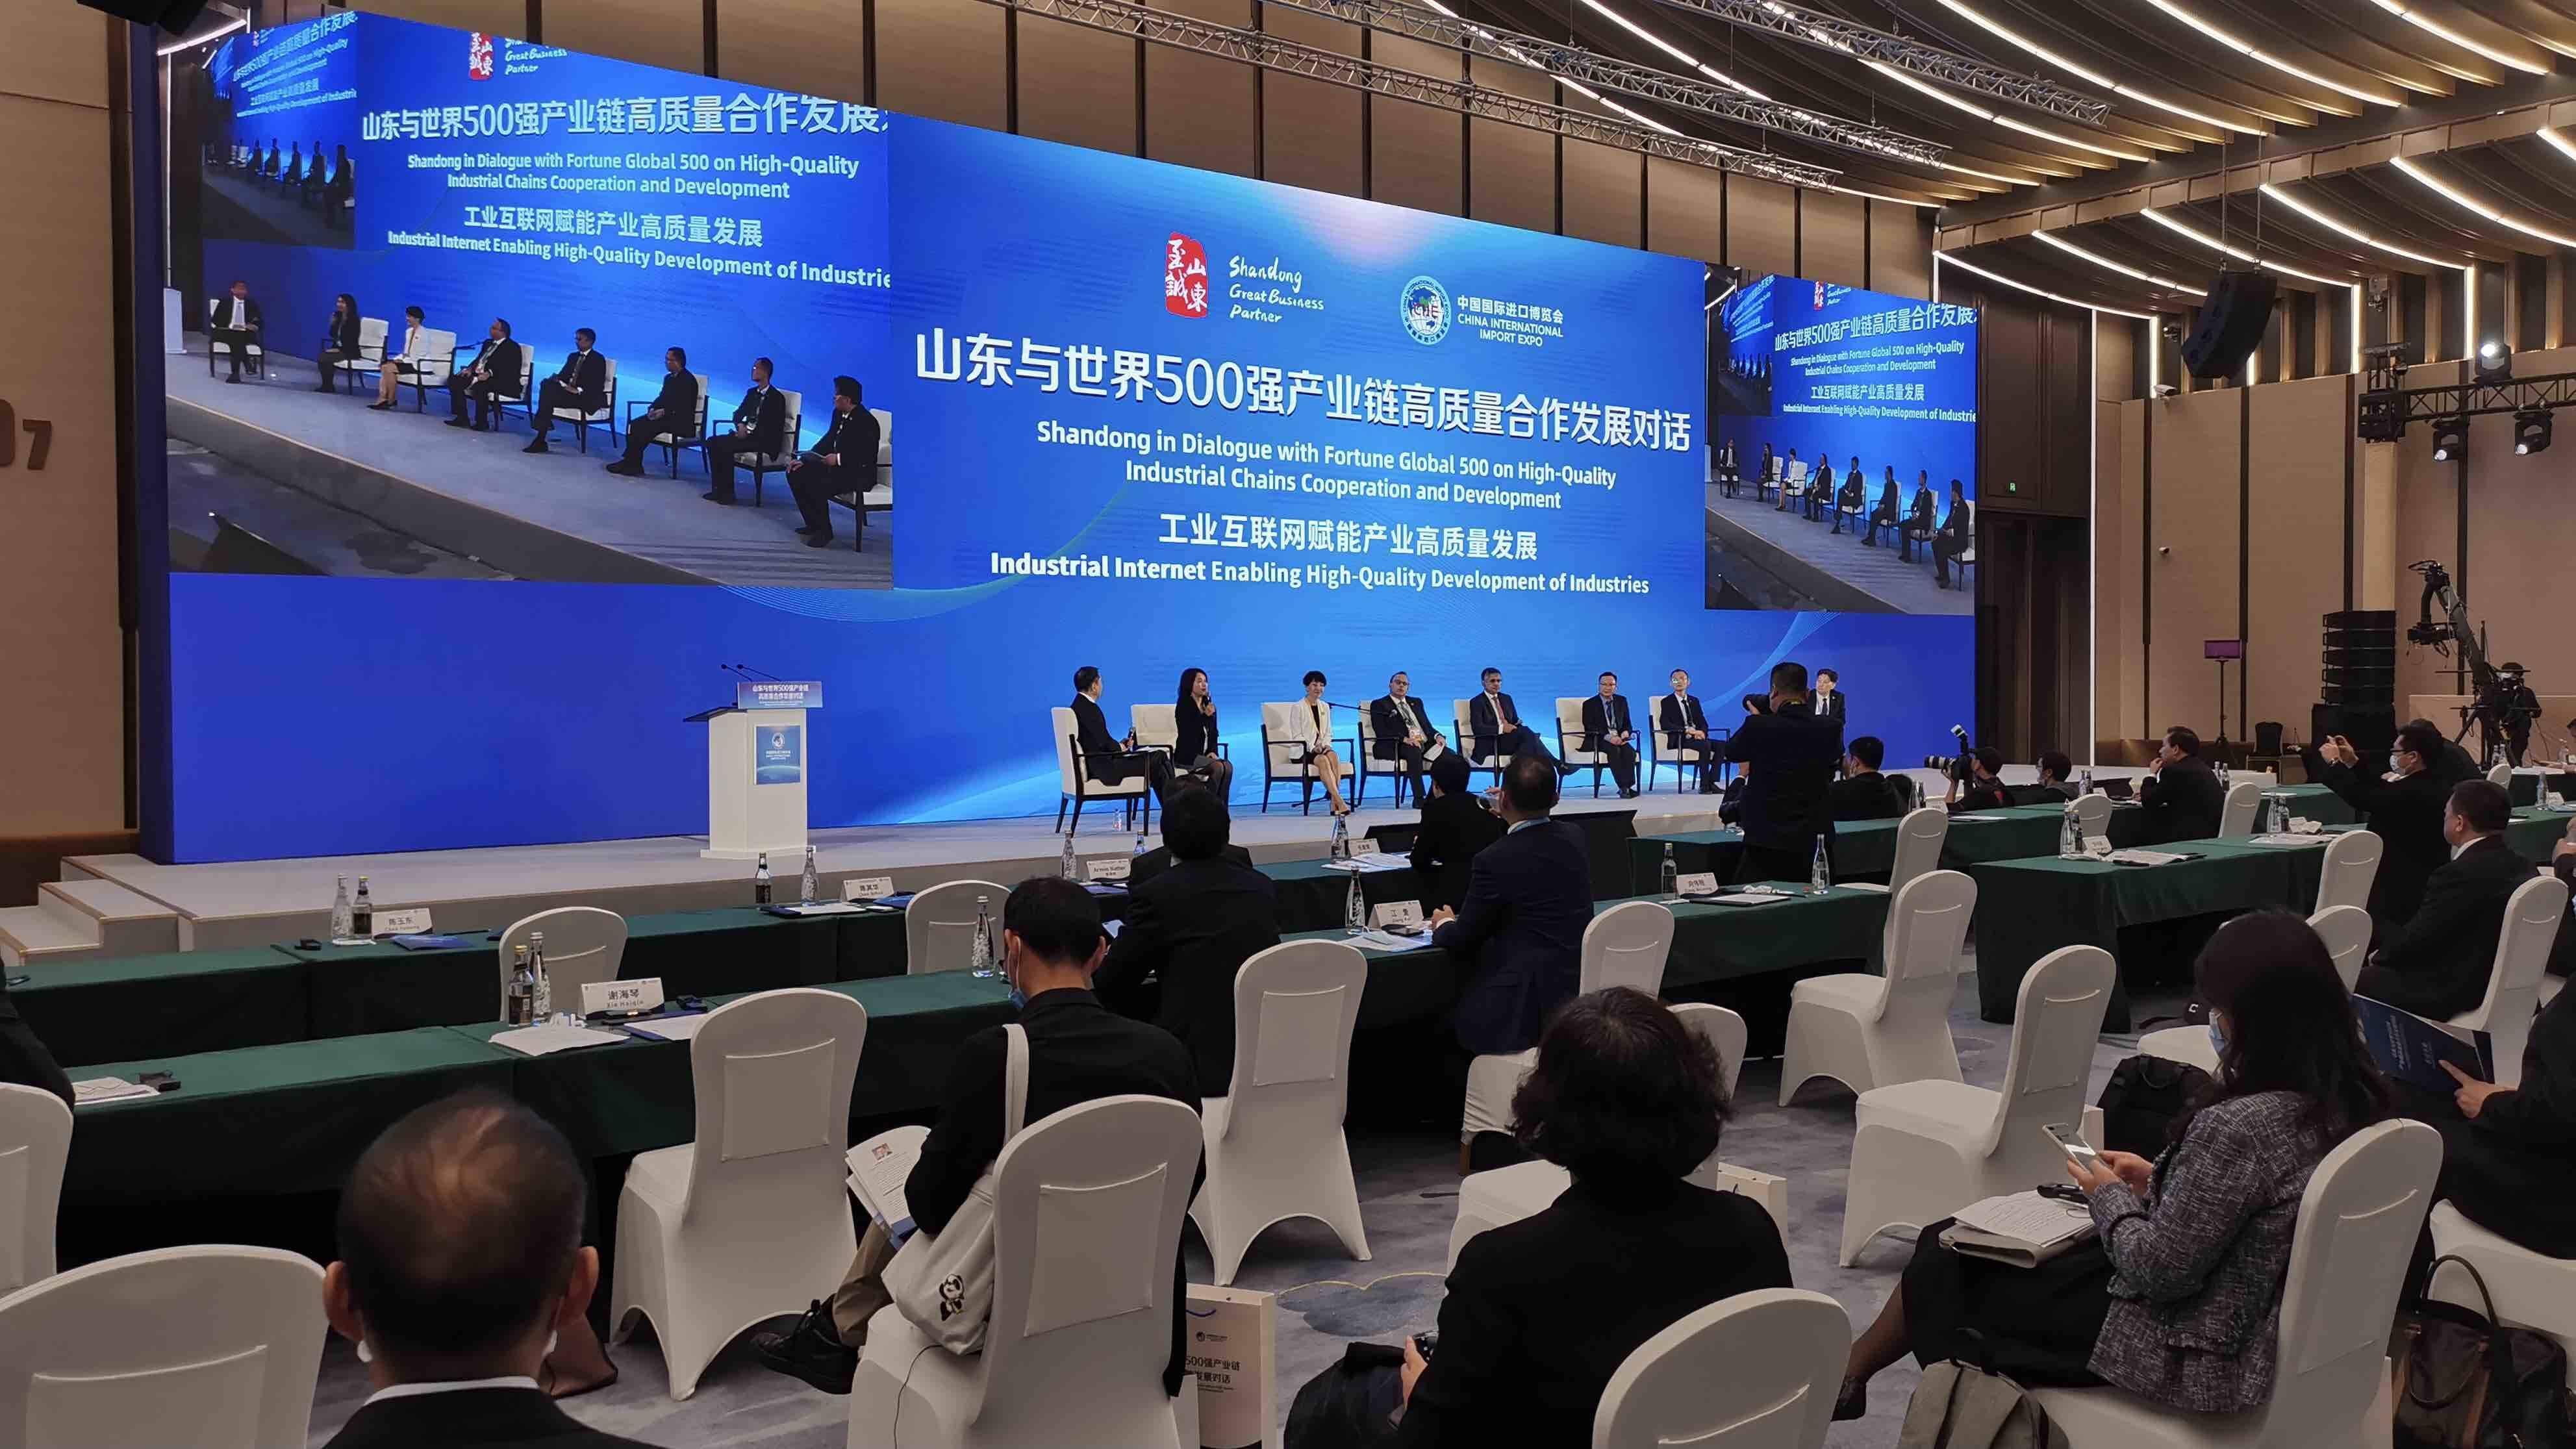 山东与世界500强产业链高质量合作发展对话在进博会期间成功召开